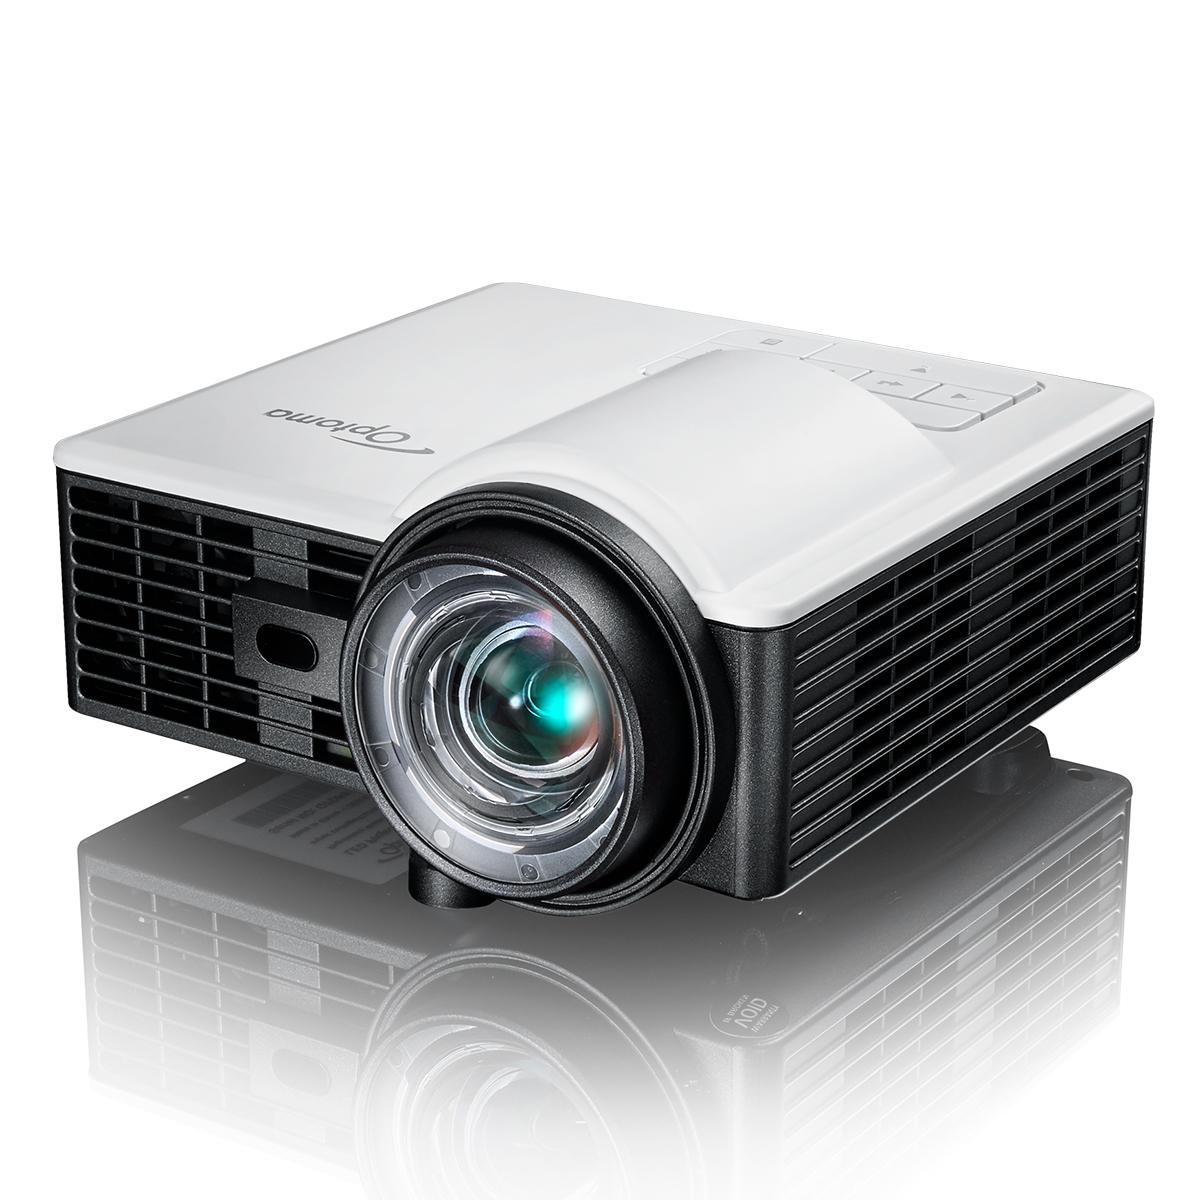 超小型 短焦点 LED モバイルプロジェクター Optoma オプトマ ML1050ST+S1J